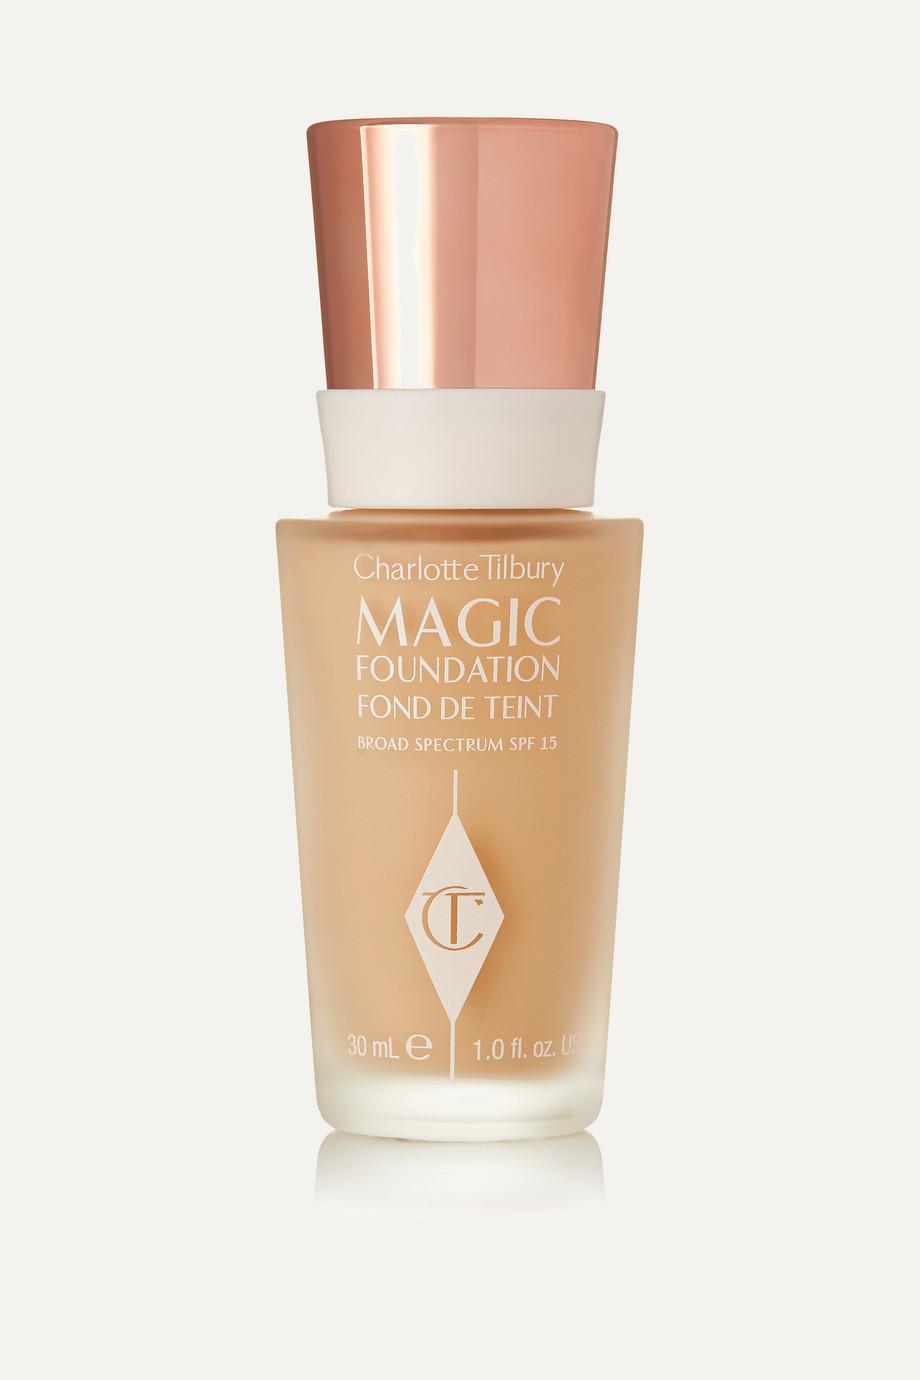 Charlotte Tilbury Fond de teint zéro défaut tenue longue durée Magic Foundation SPF 15, Shade 3.5, 30 ml